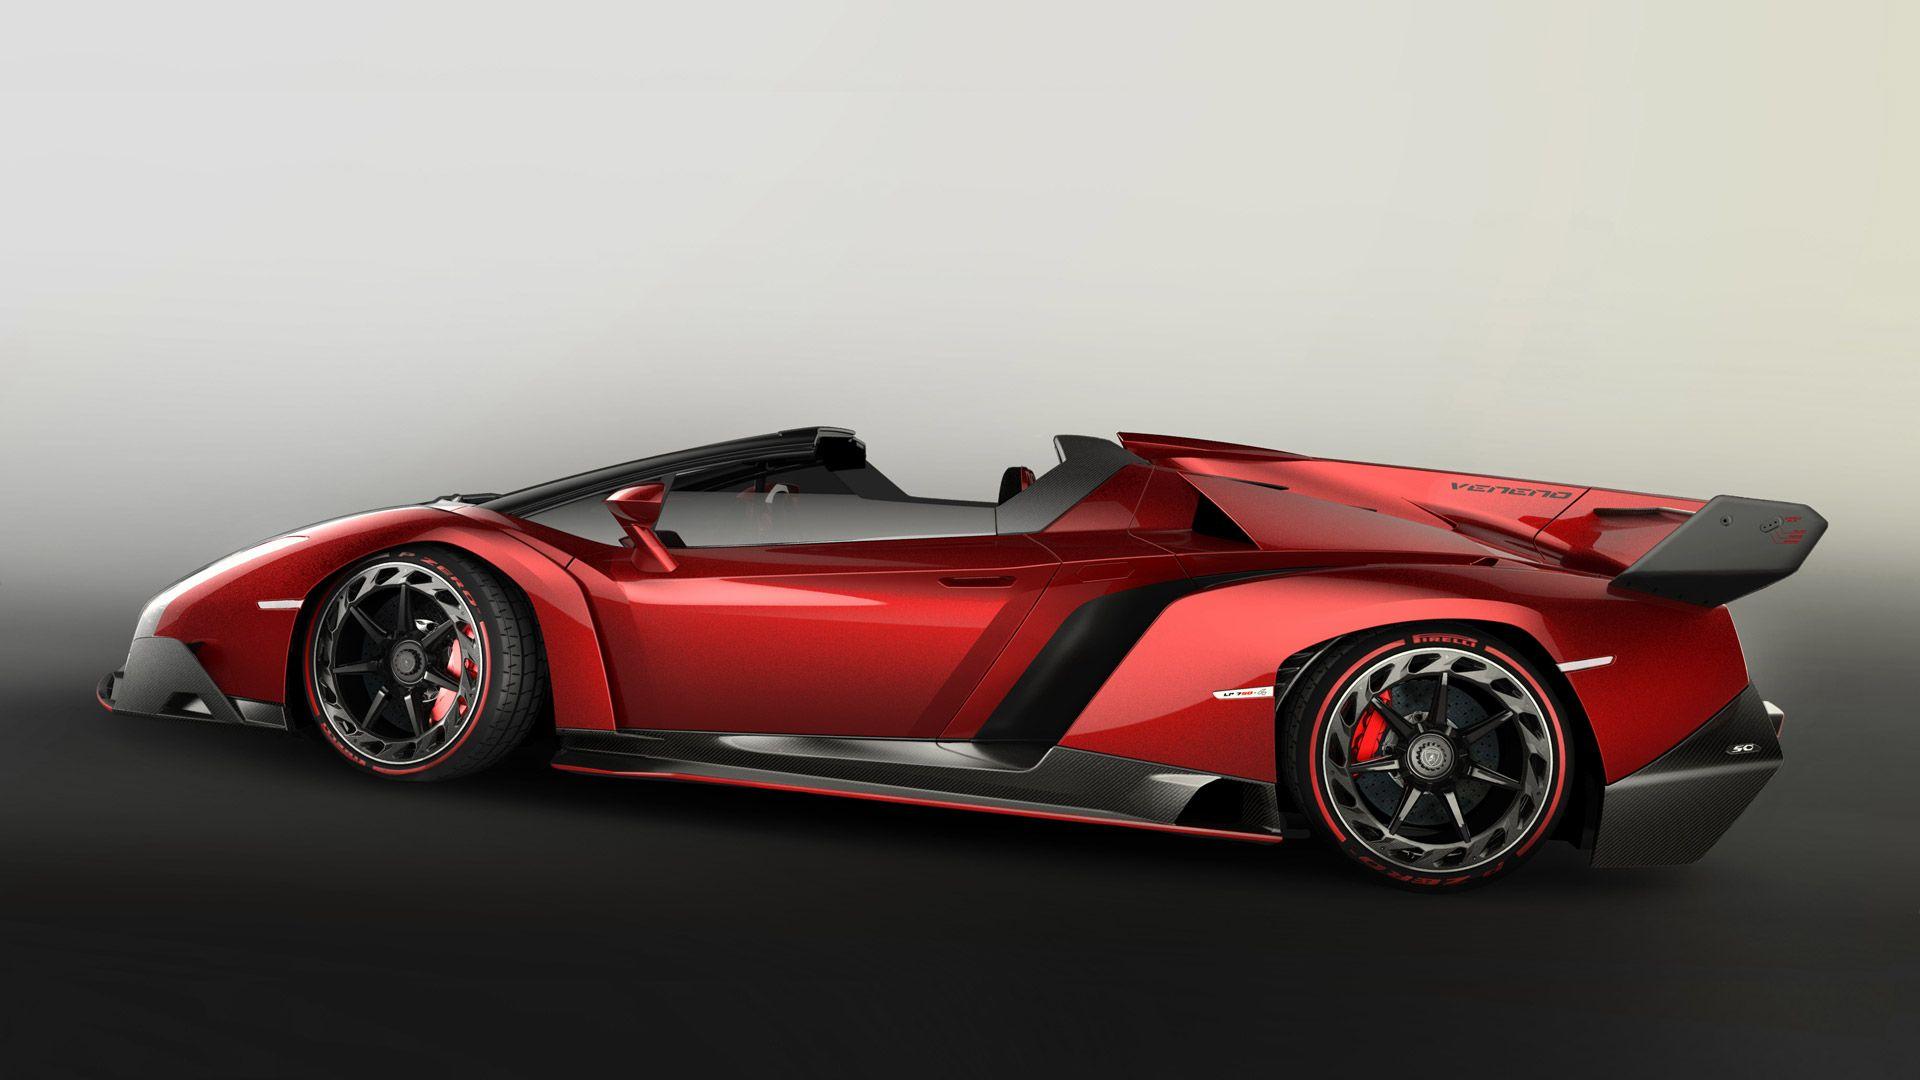 Lamborghini veneno side view